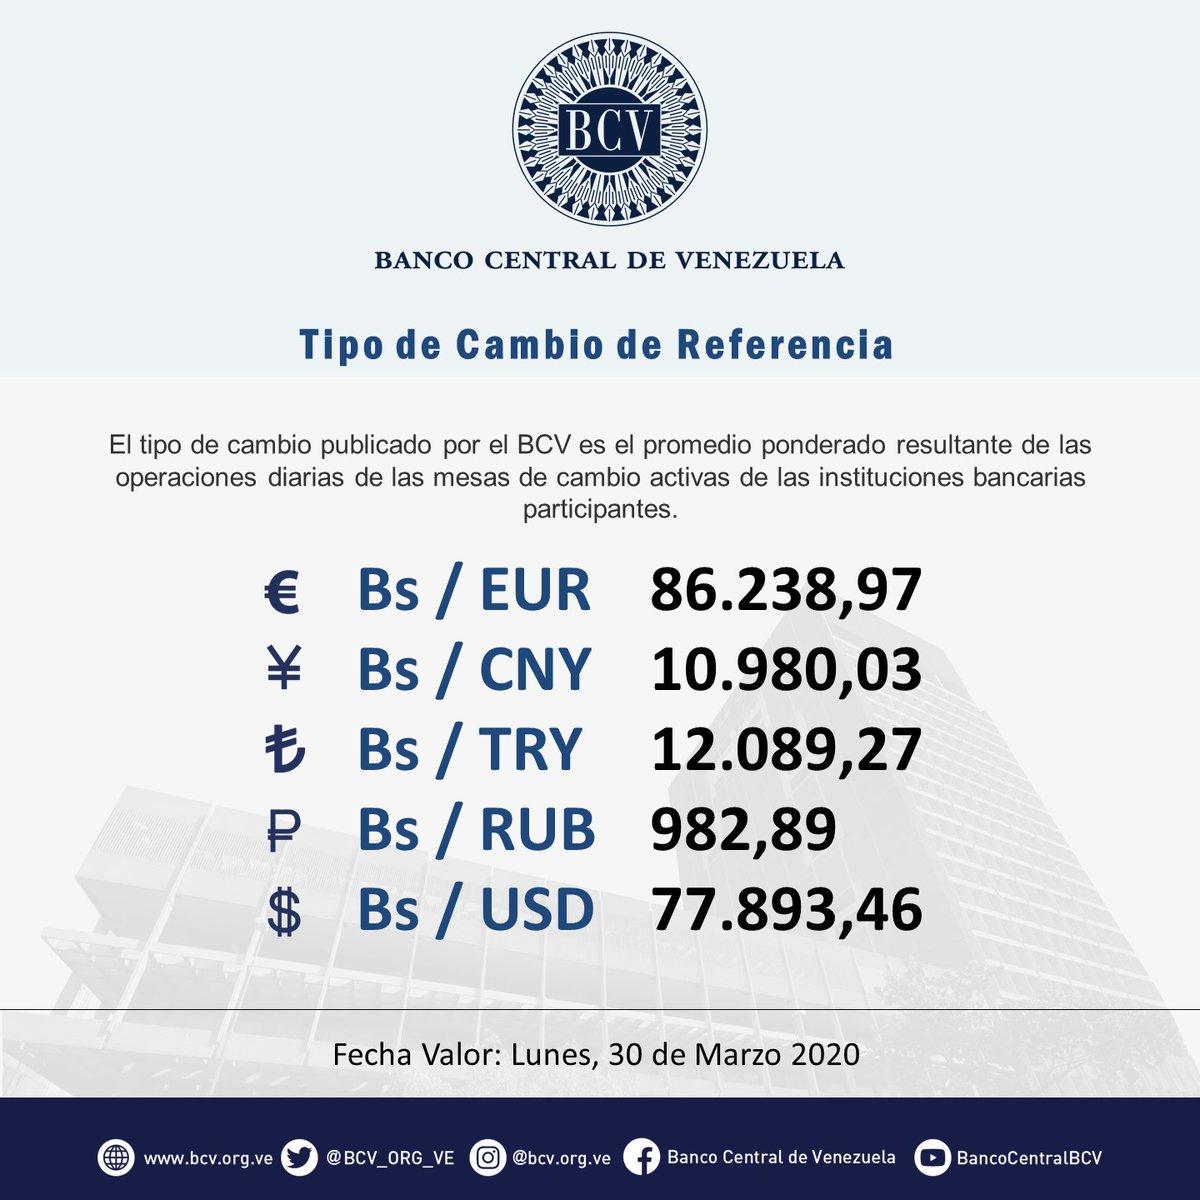 Atención|| El tipo de cambio publicado por el BCV es el promedio ponderado de las operaciones de las mesas de cambio de las instituciones bancarias. Al cierre de la jornada del viernes 27-03-2020, los resultados son:  #MercadoCambiario #BCVpic.twitter.com/JLLKwK0cGJ